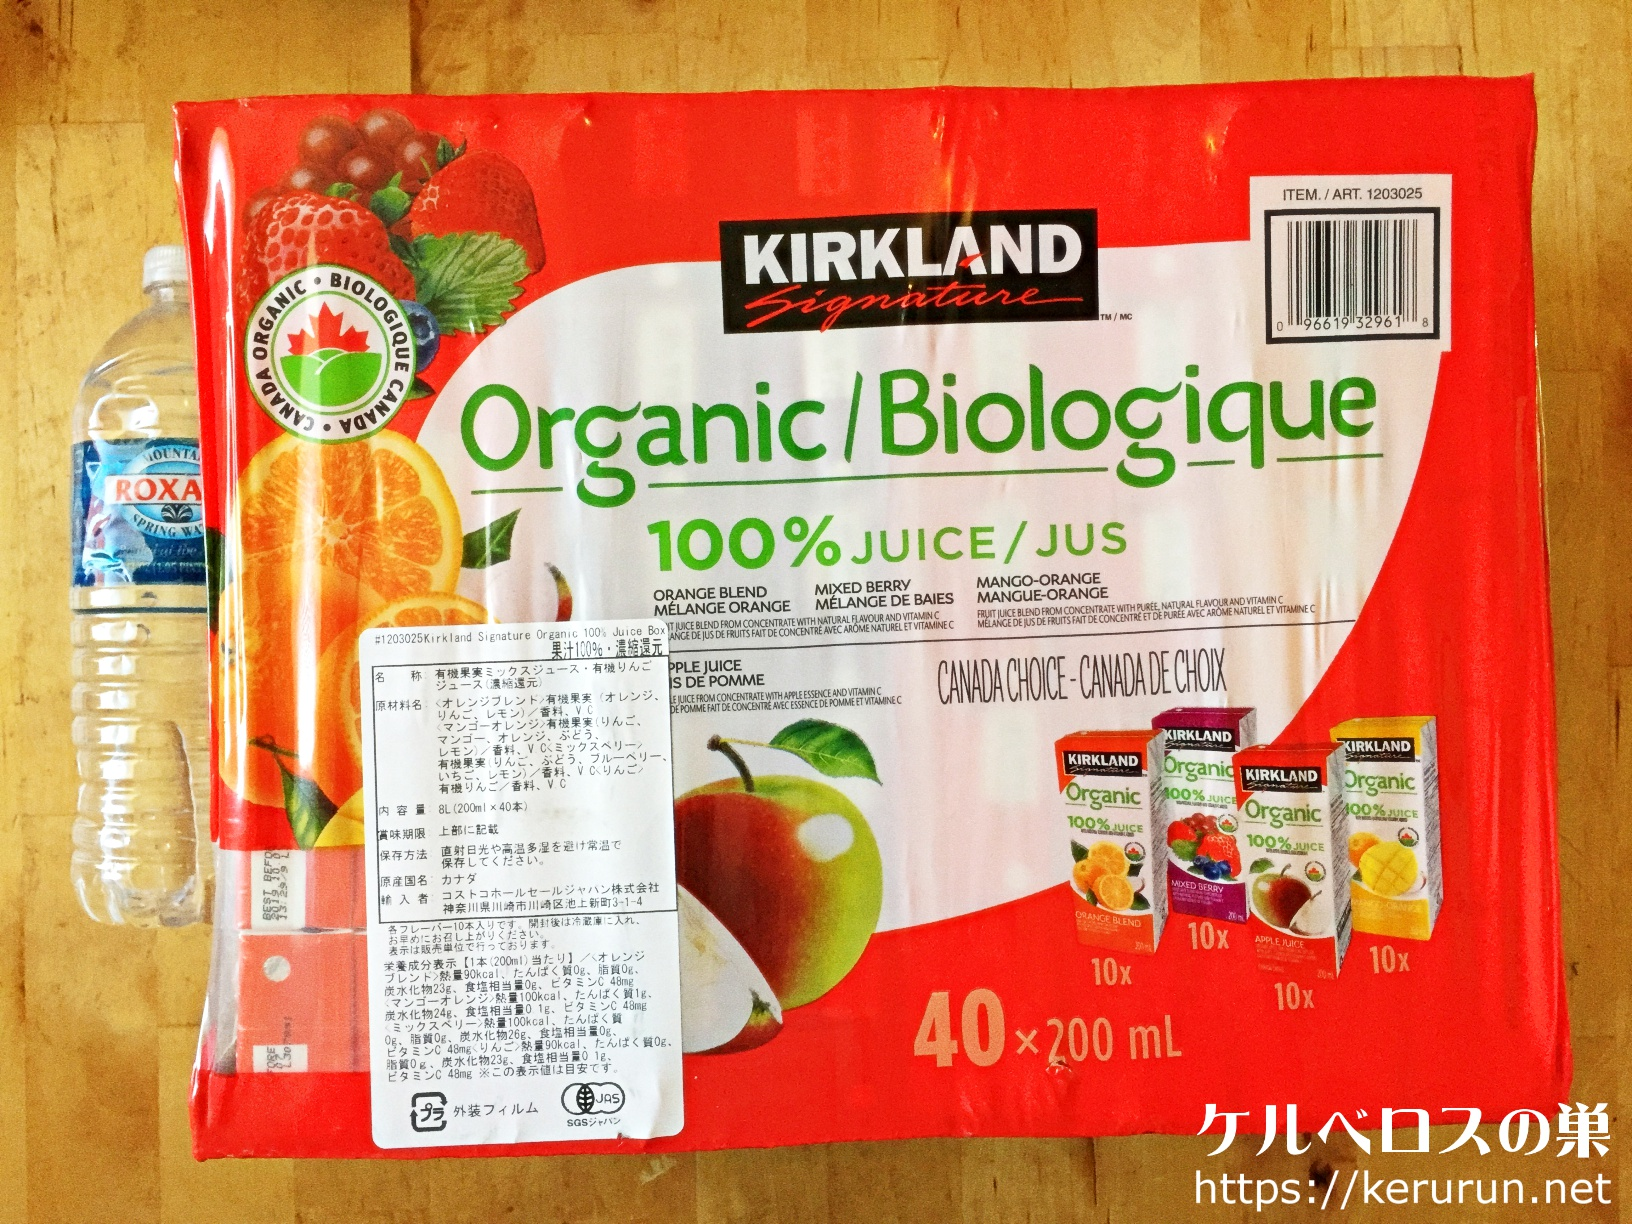 【コストコ】KIRKLAND オーガニック100%ジュース 200ml×40本